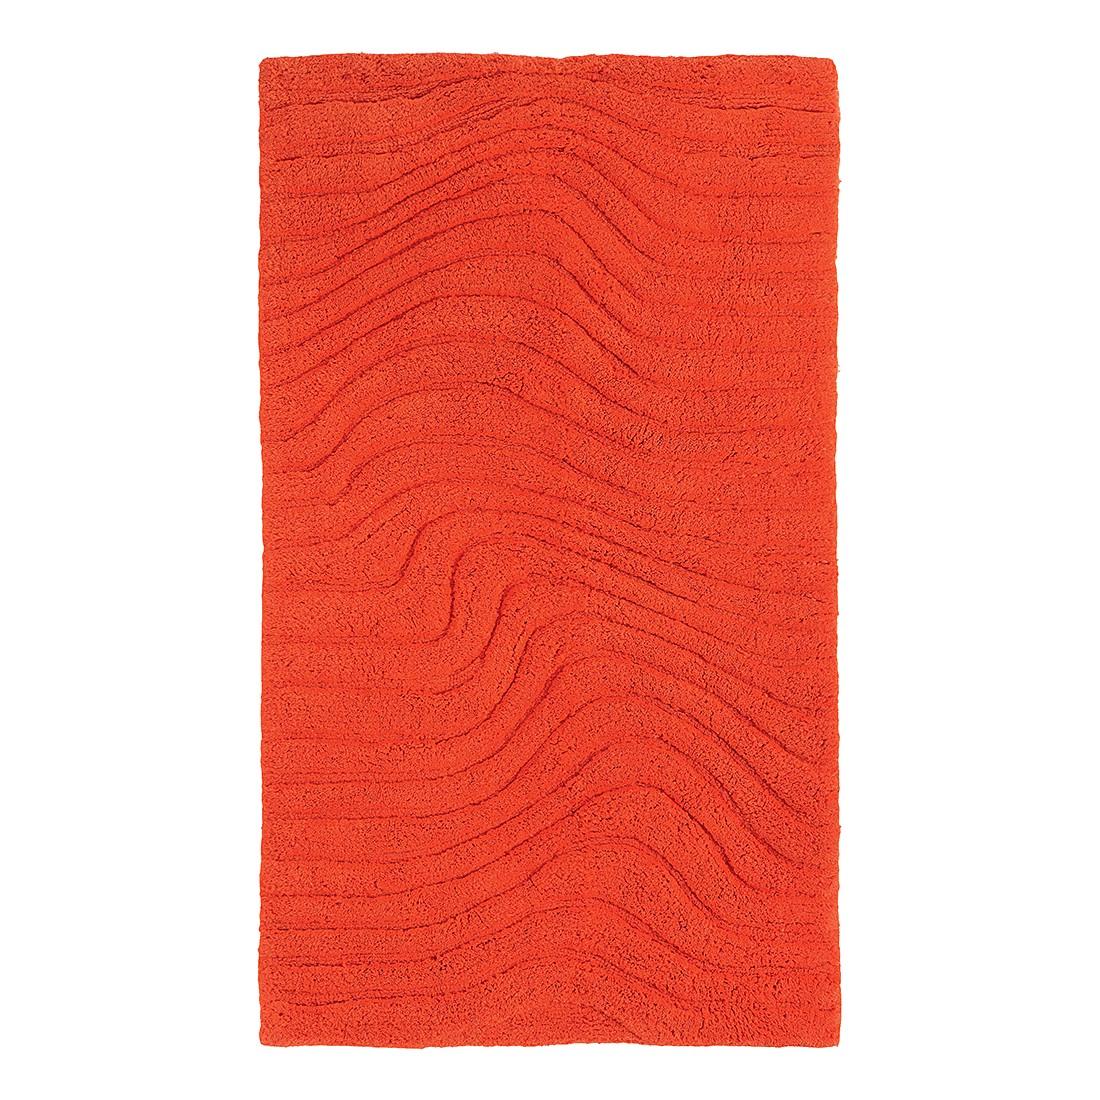 Badteppich Marea – Orange – WC-Vorlage: 50 x 60 cm, Grund jetzt bestellen